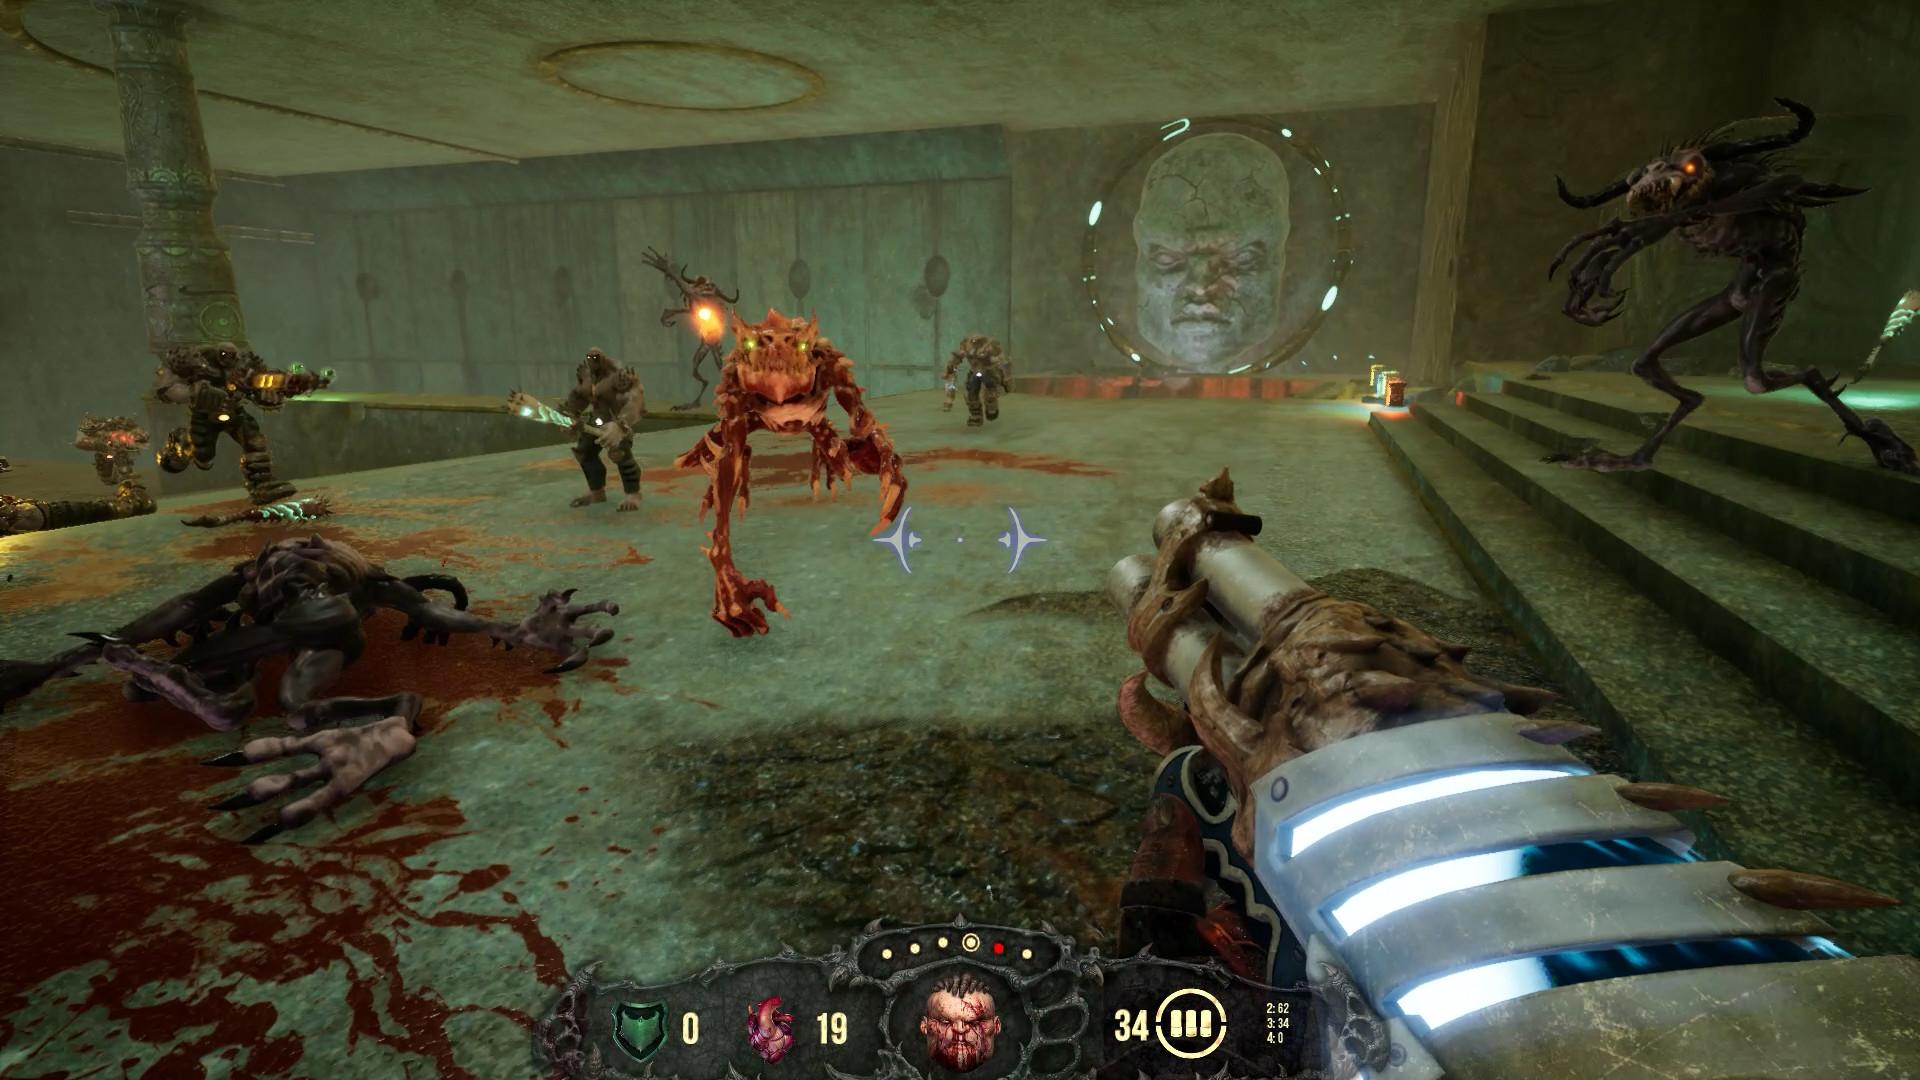 hellbound-pc-screenshot-03